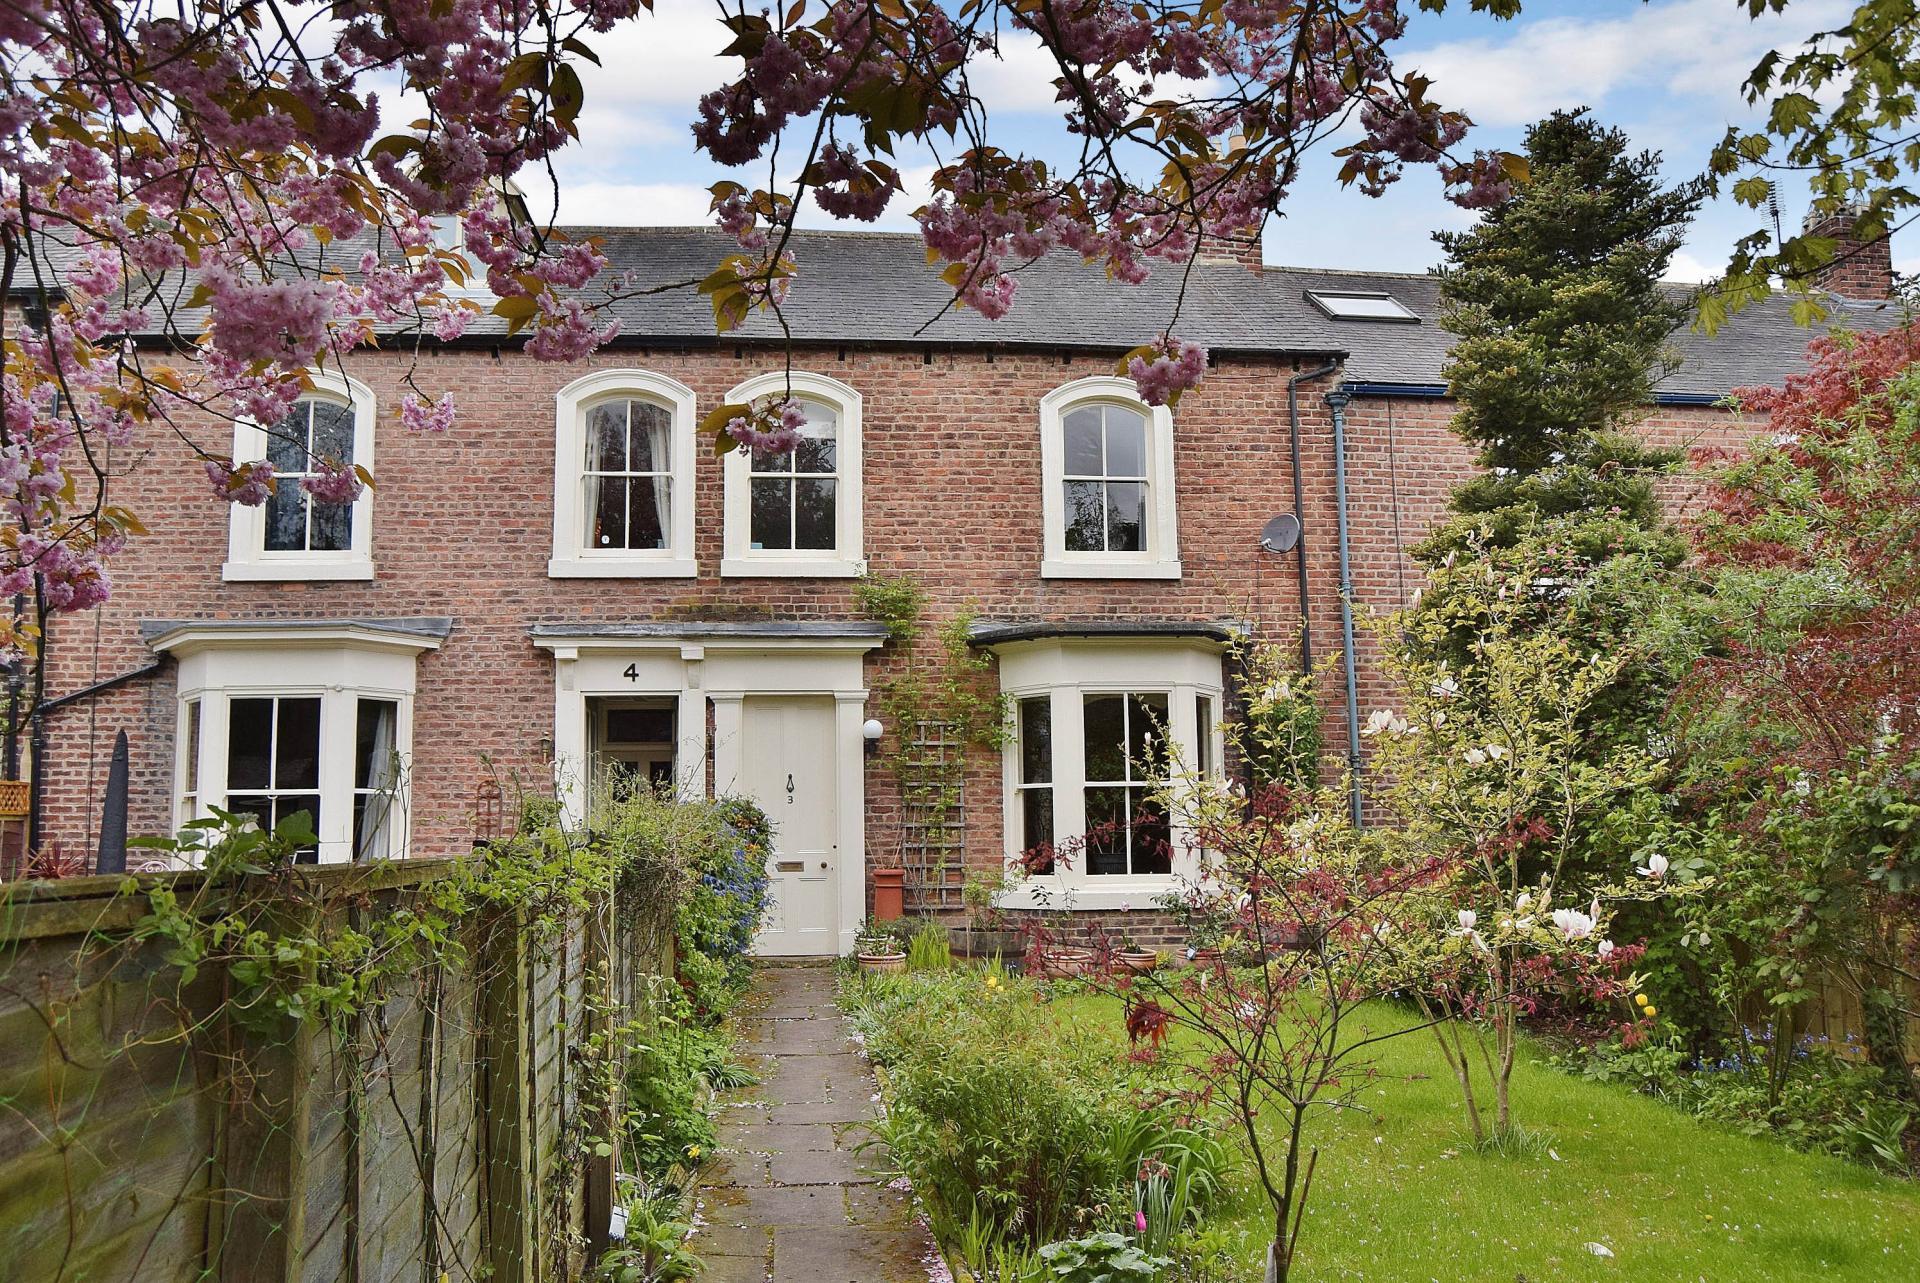 4 Bedrooms Terraced House for sale in Hextol Terrace, Hexham